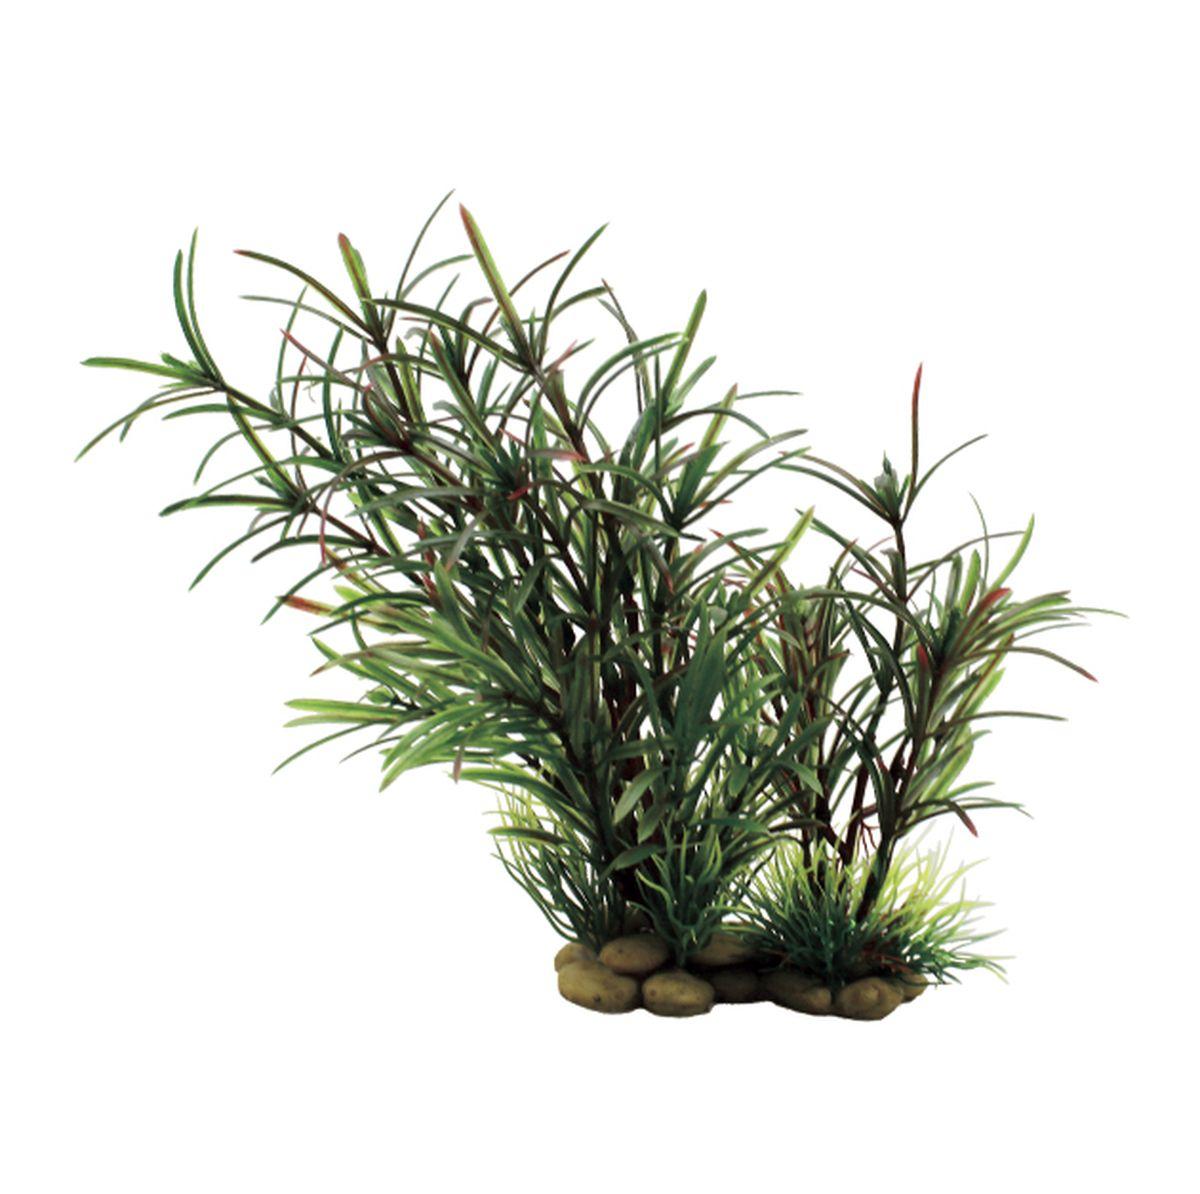 Растение для аквариума ArtUniq Наяда, высота 20 см декорация для аквариума artuniq пористый камень 20 5 x 10 5 x 18 8 см